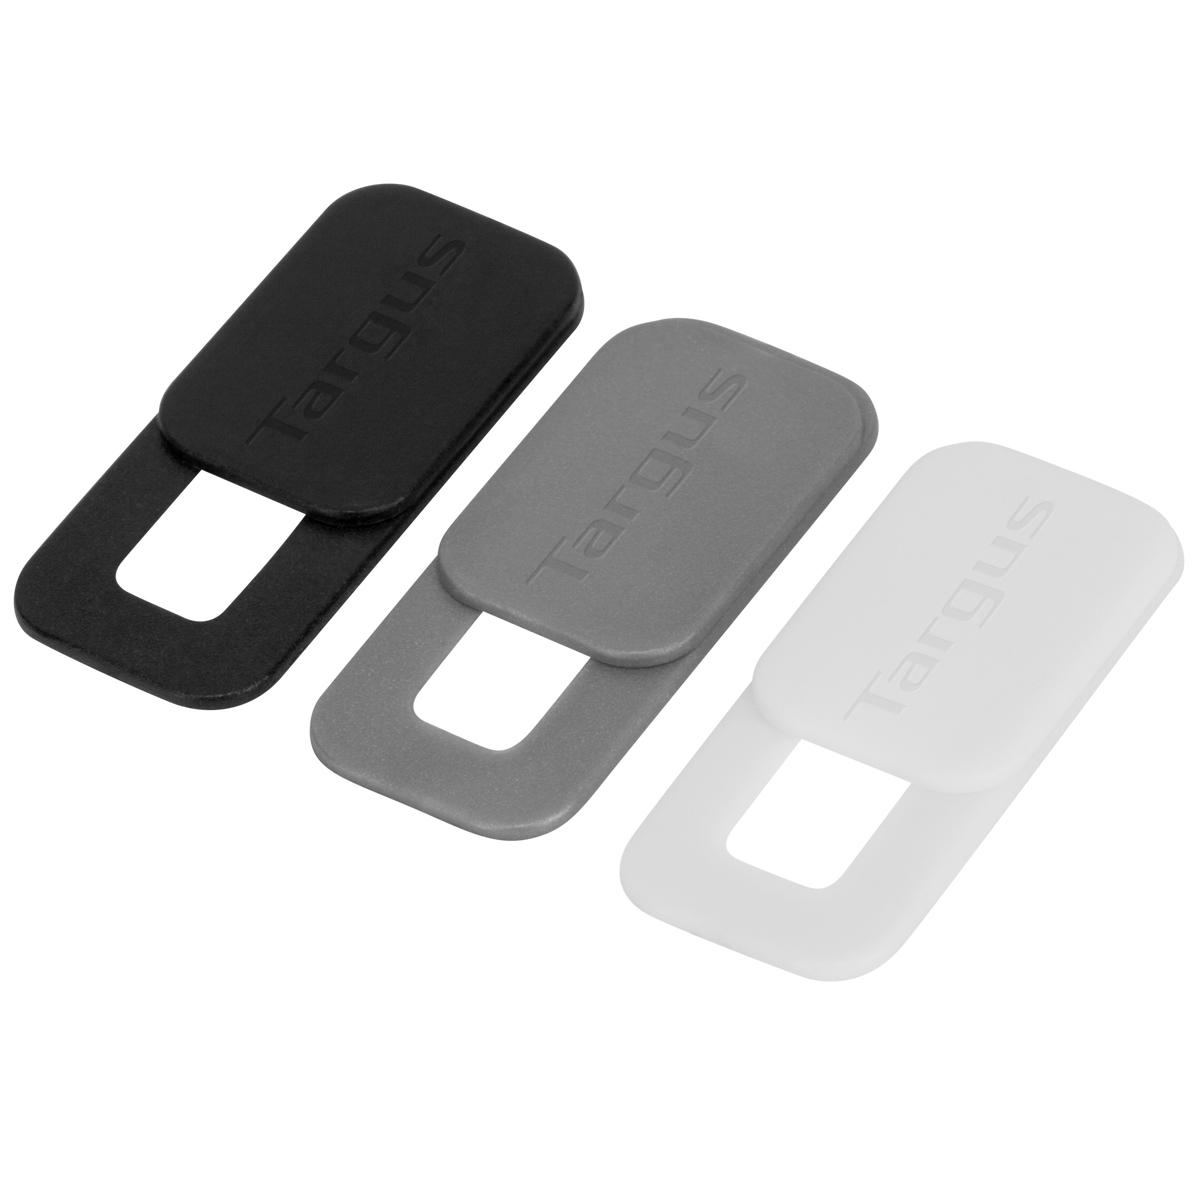 Targus AWH025GL input device accessory